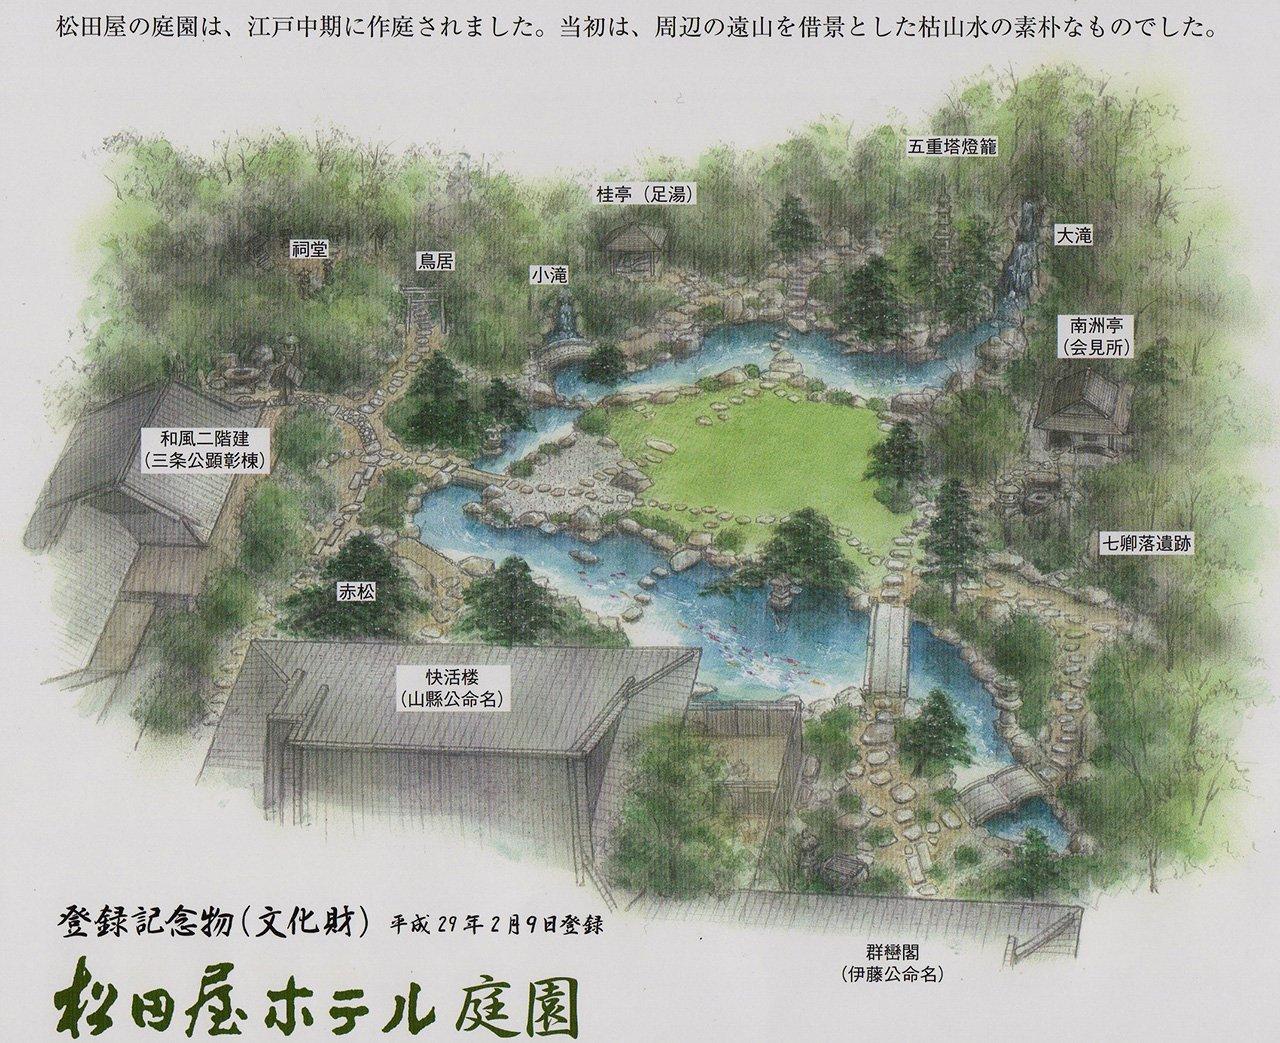 松田屋ホテル庭園(その1)_c0112559_08164947.jpg